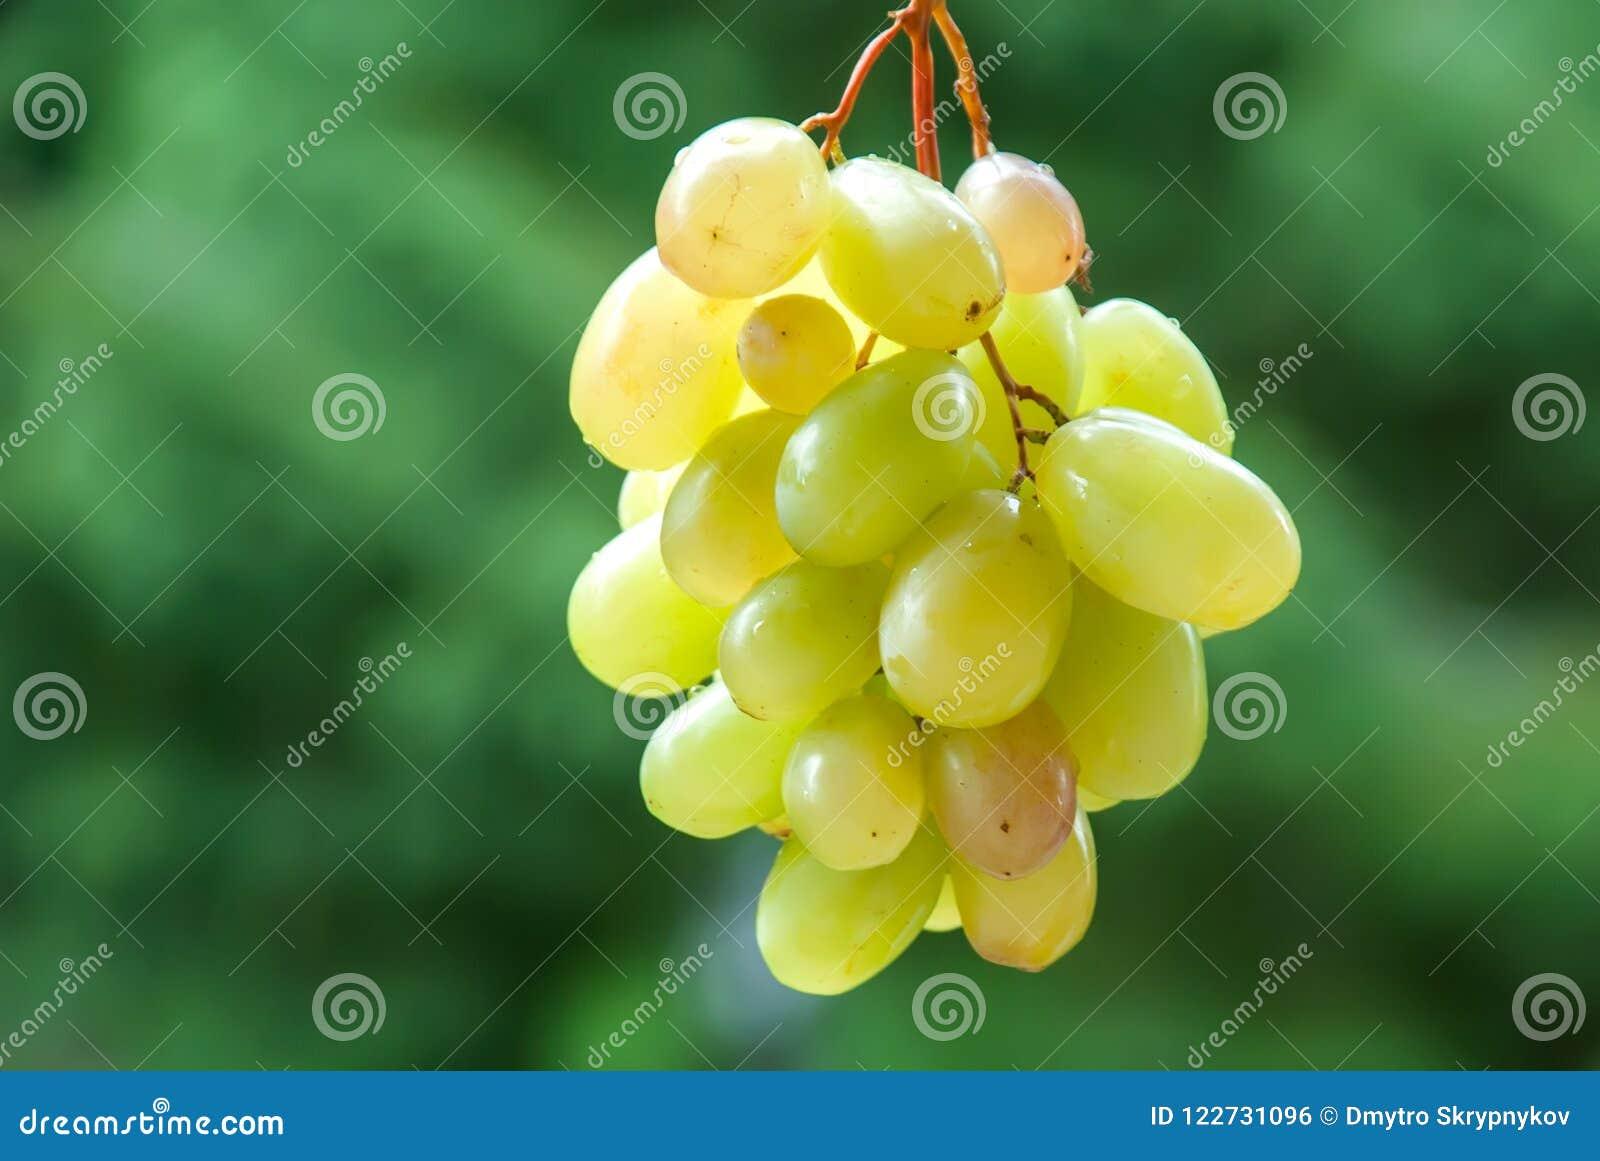 Σταφύλια κρασιού στην άμπελο Ηλιόλουστος αμπελώνας στο υπόβαθρο